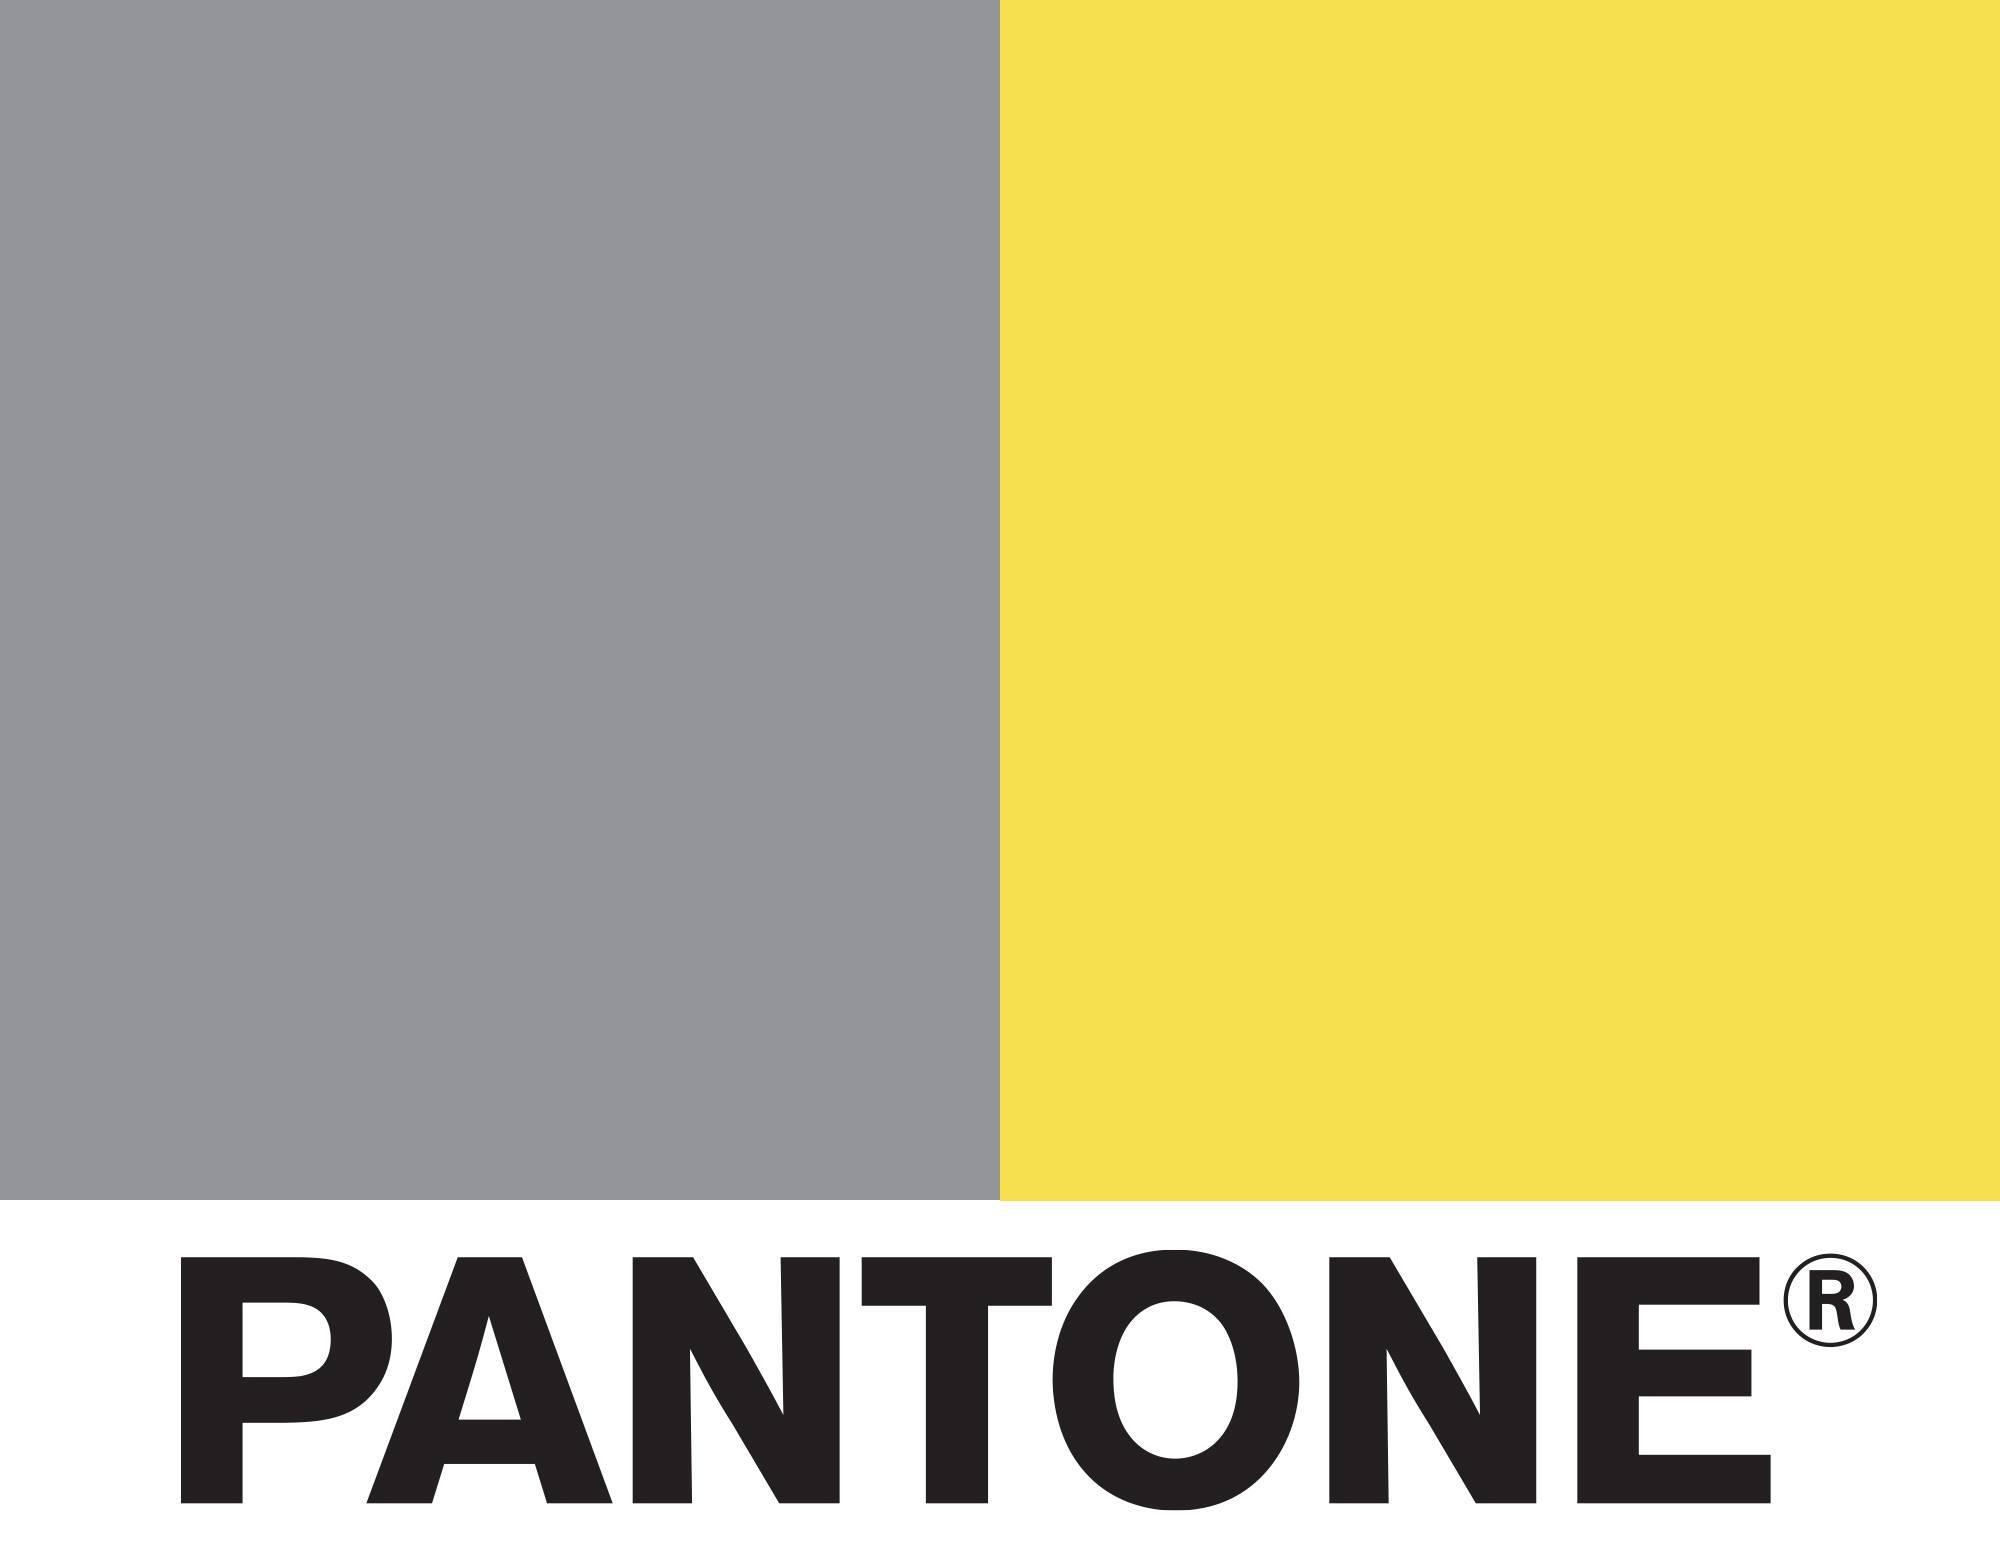 潘通發布2021年度代表色:極致灰和熒光黃_高瑞品牌